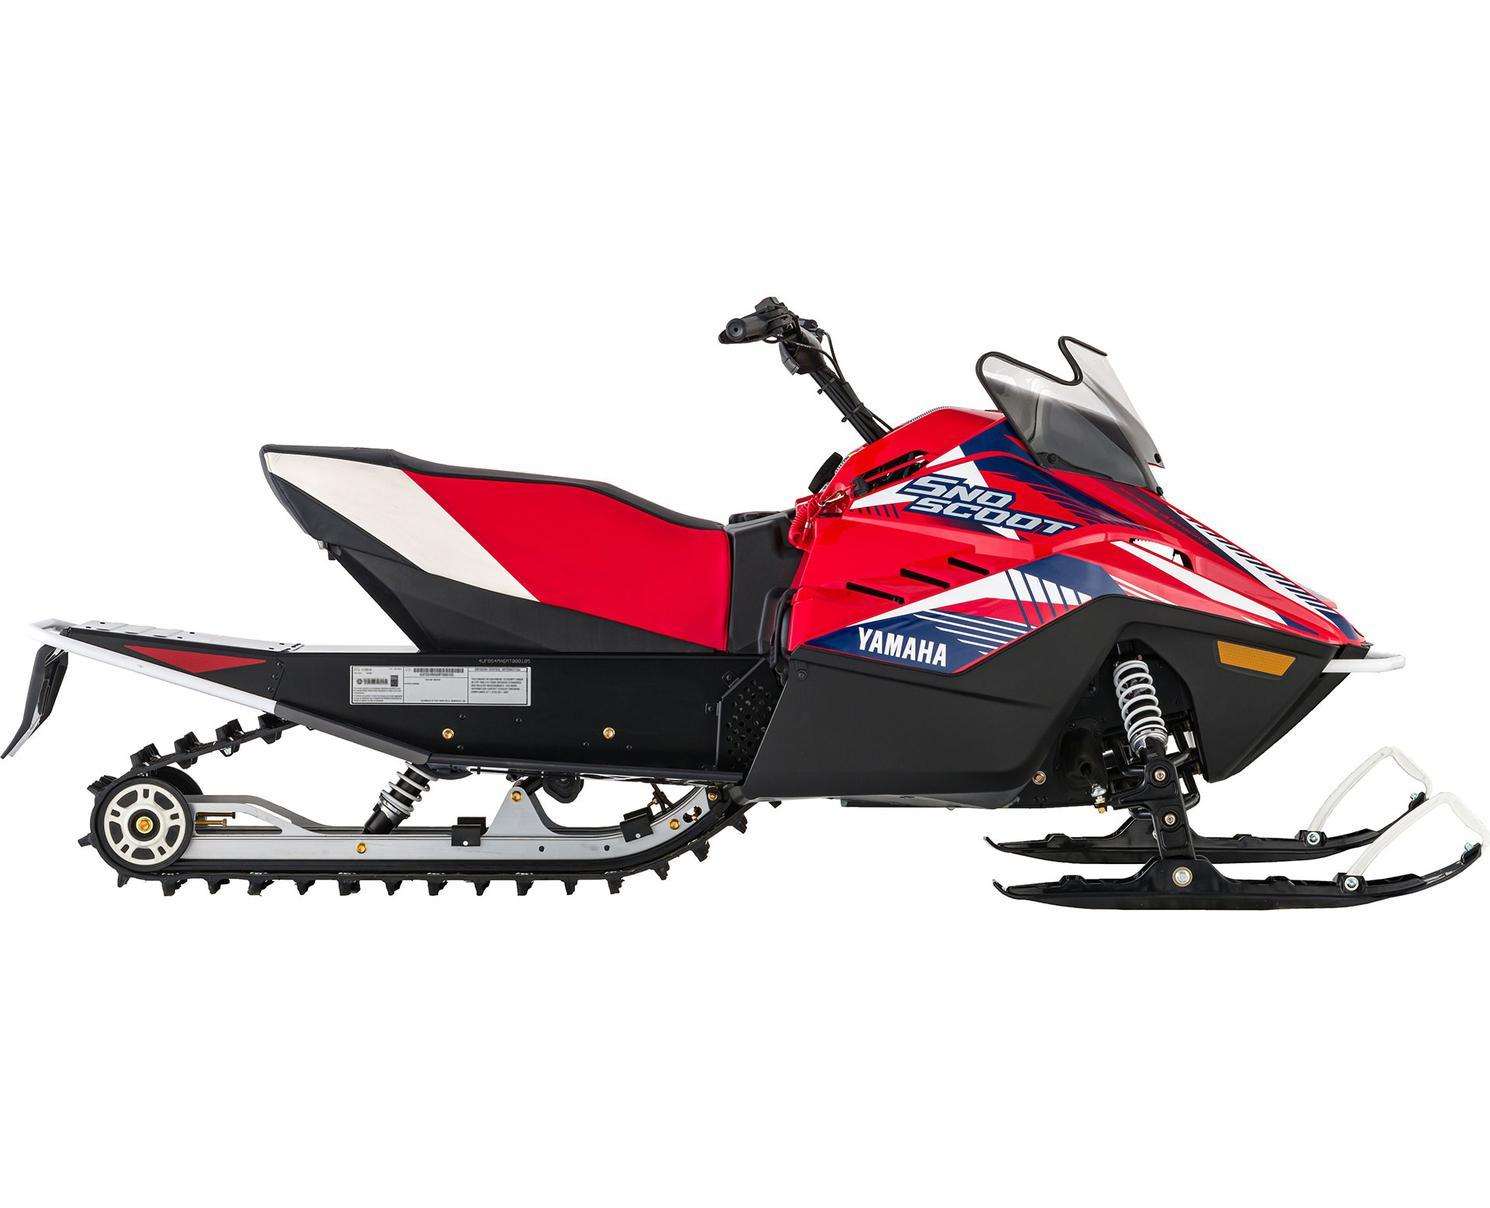 Yamaha Snoscoot ES Rouge/Bleu/Blanc 2021